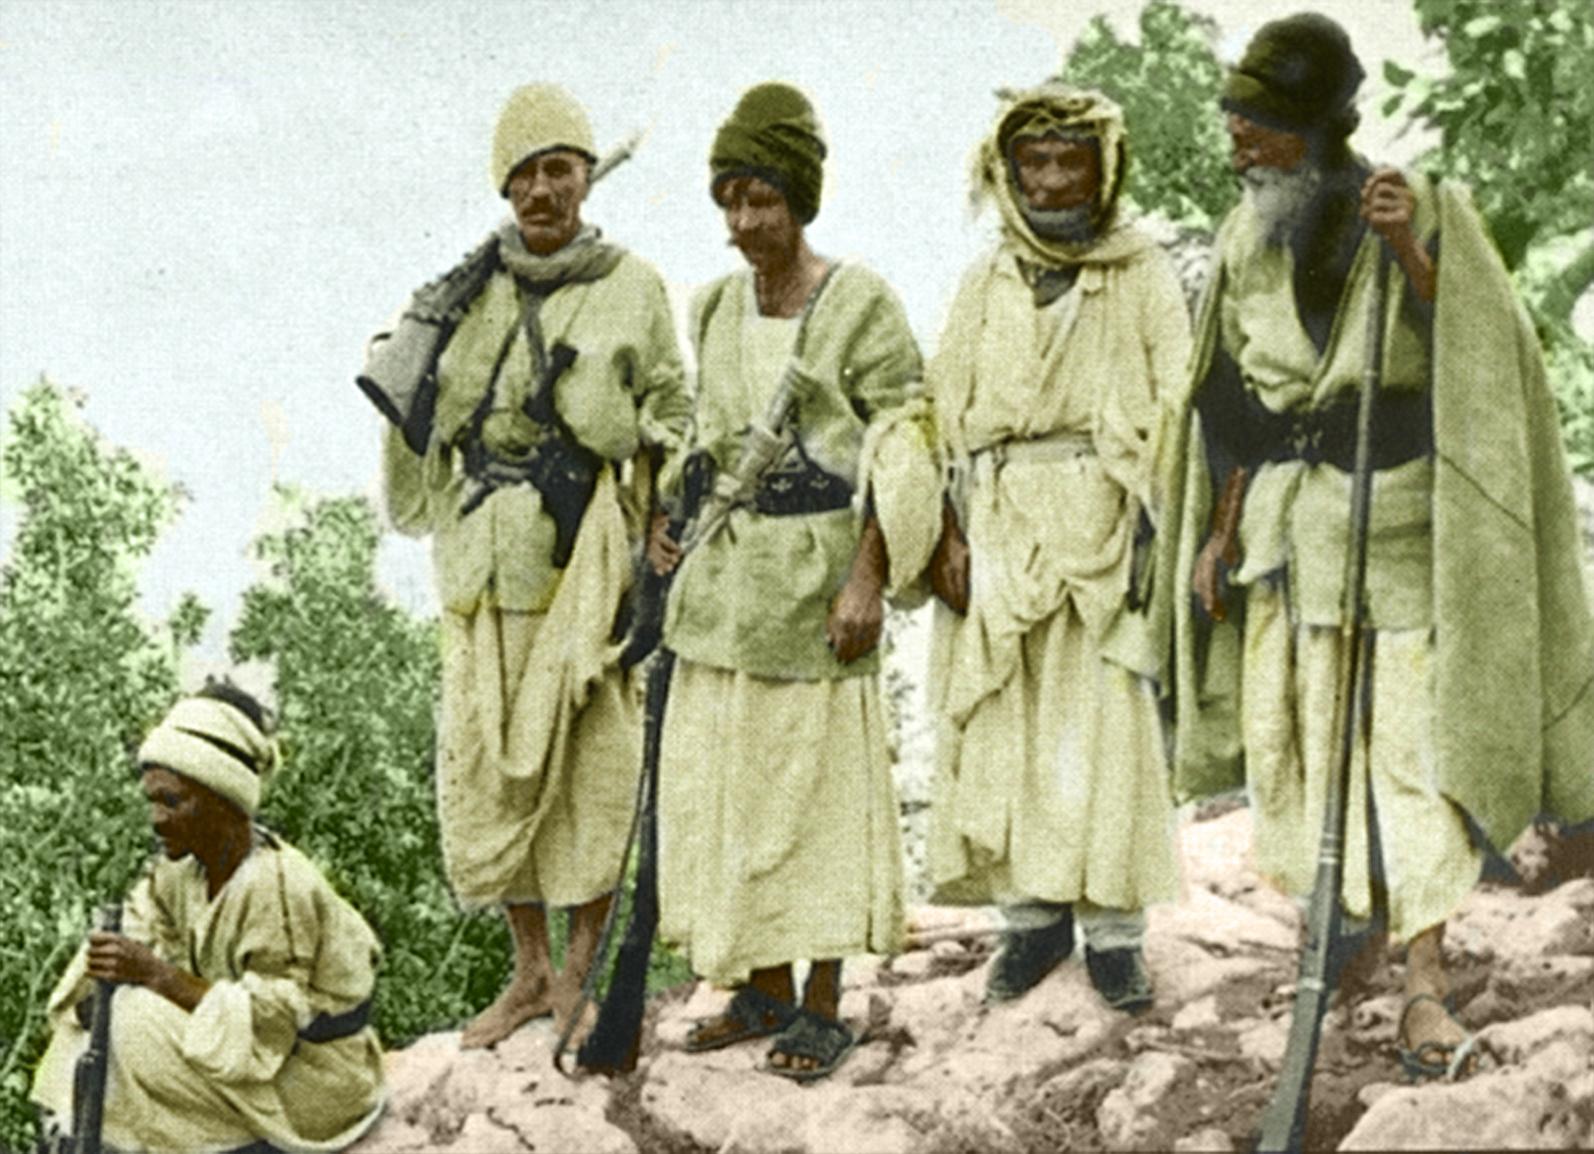 Êzîdîsche Widerstandskämpfer in Shingal, frühes 20. Jahrhundert